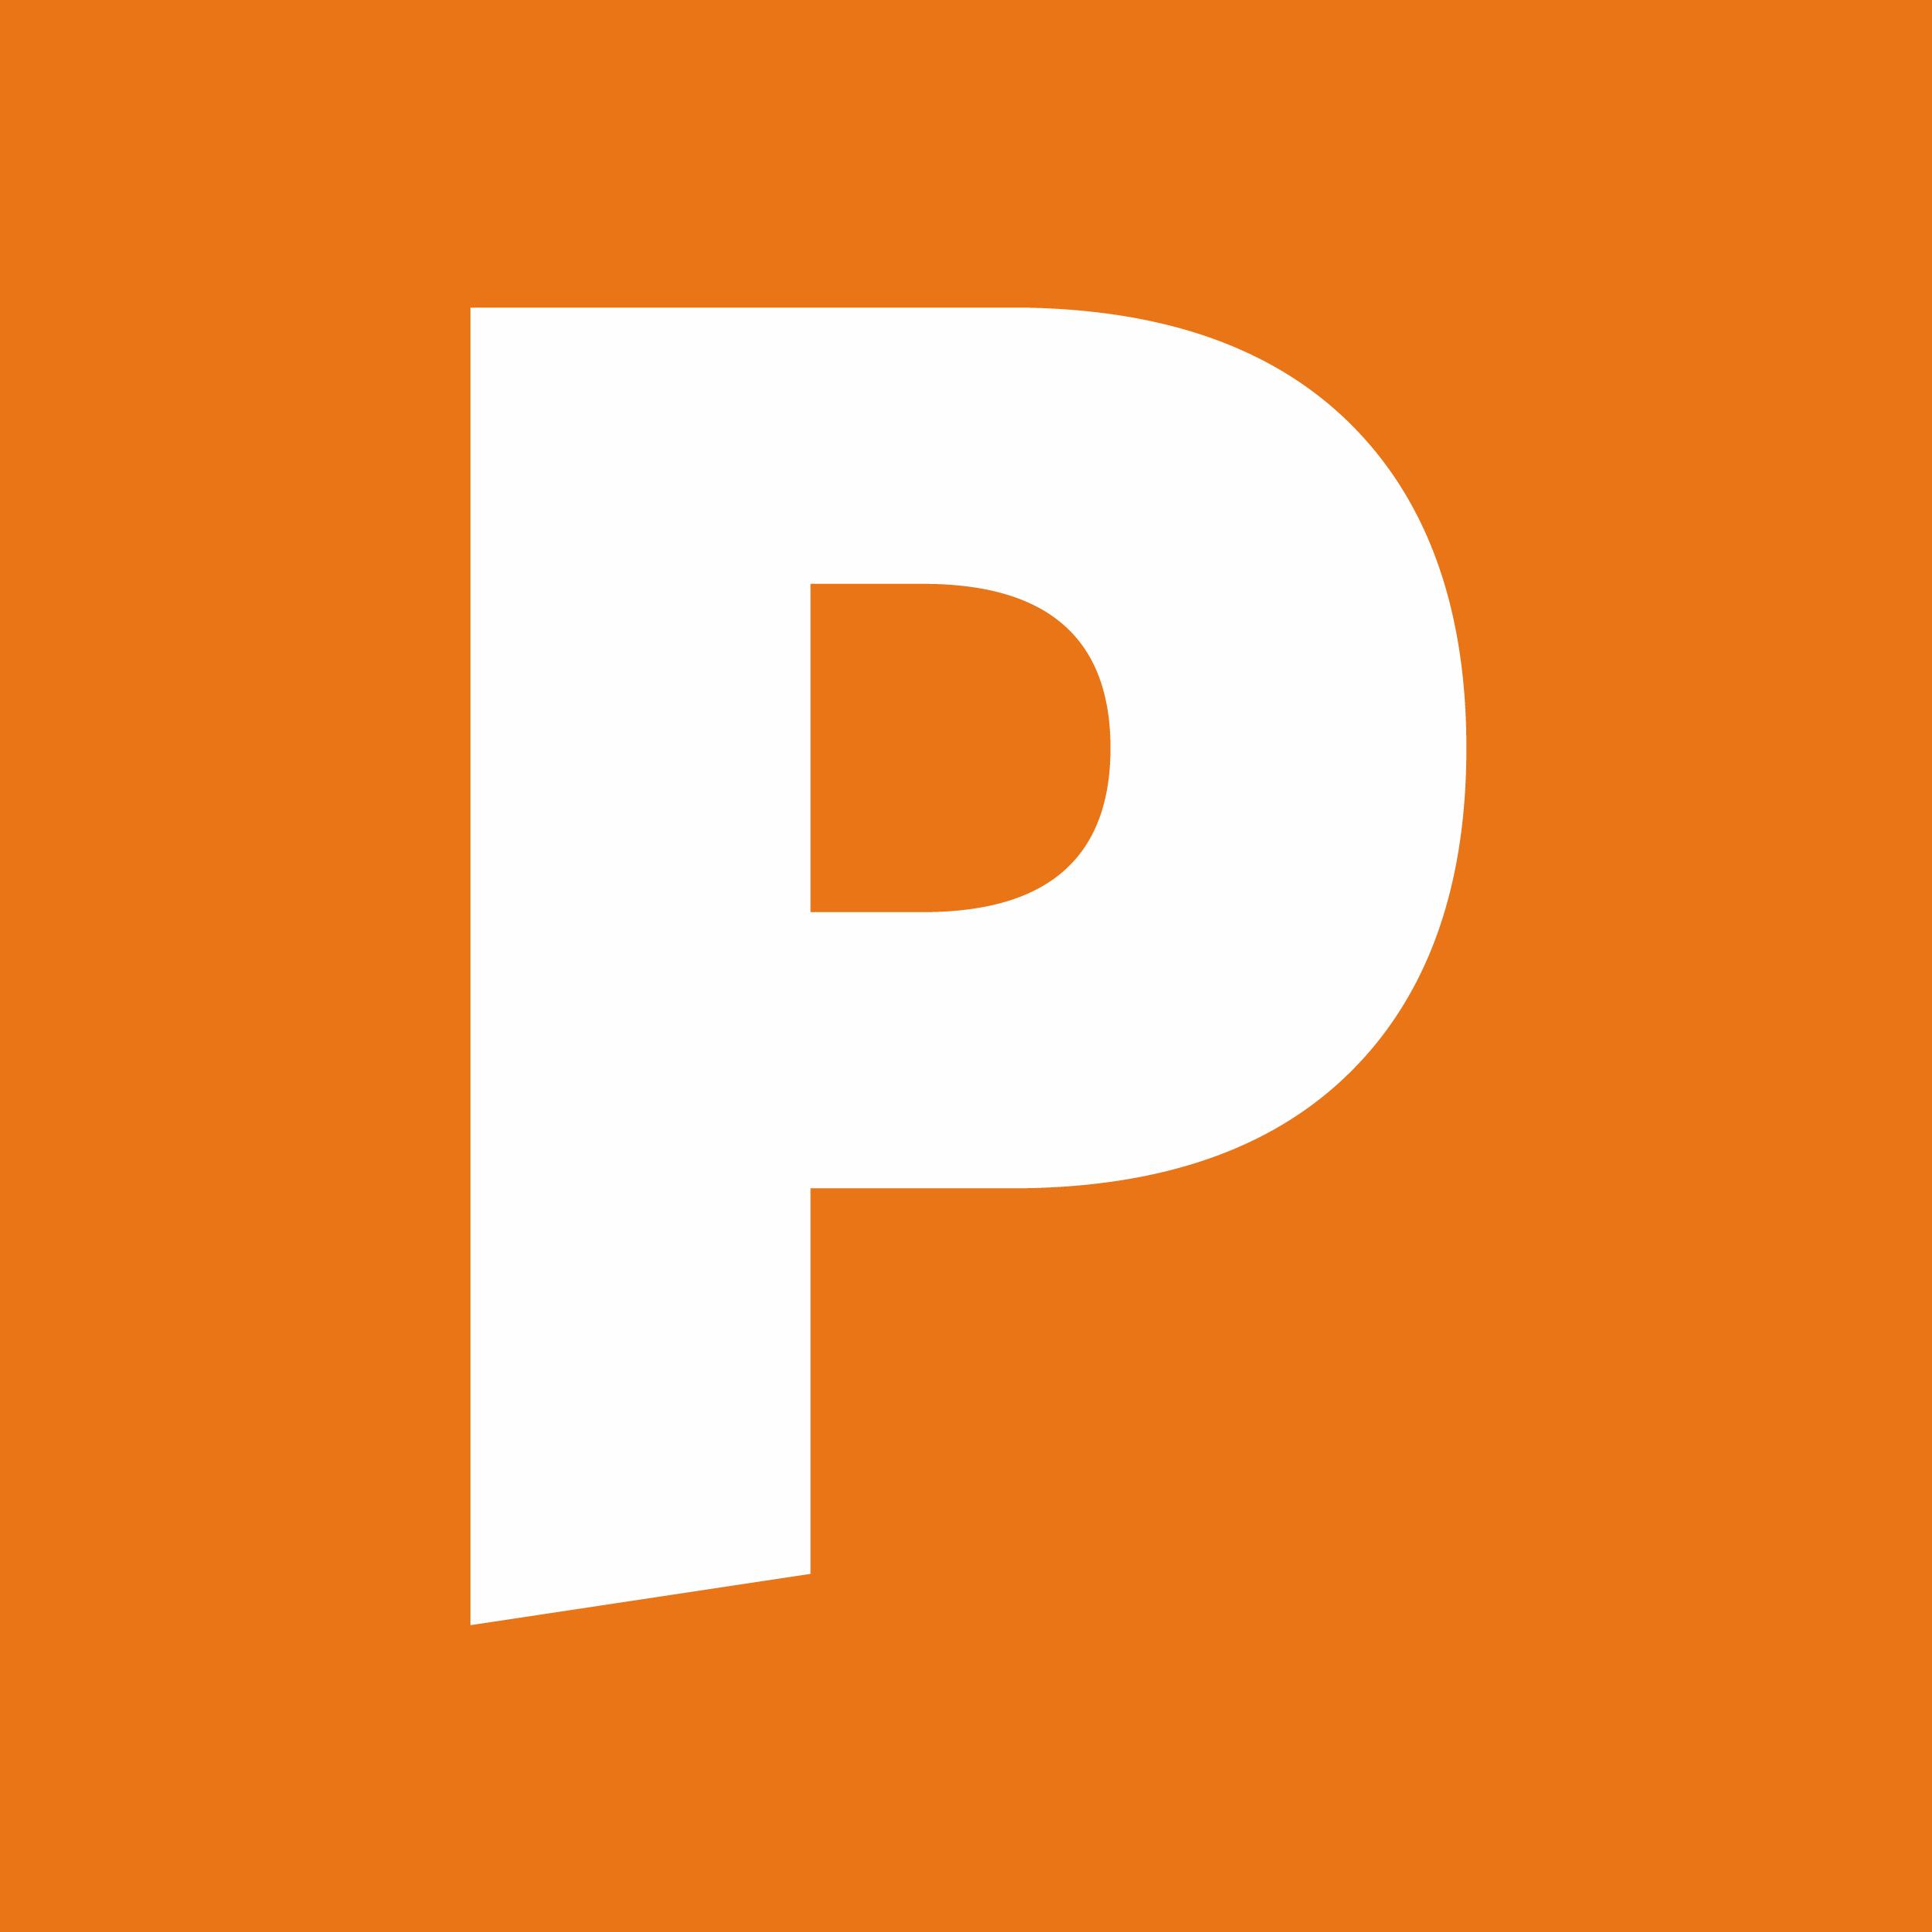 permagard.co.uk favicon